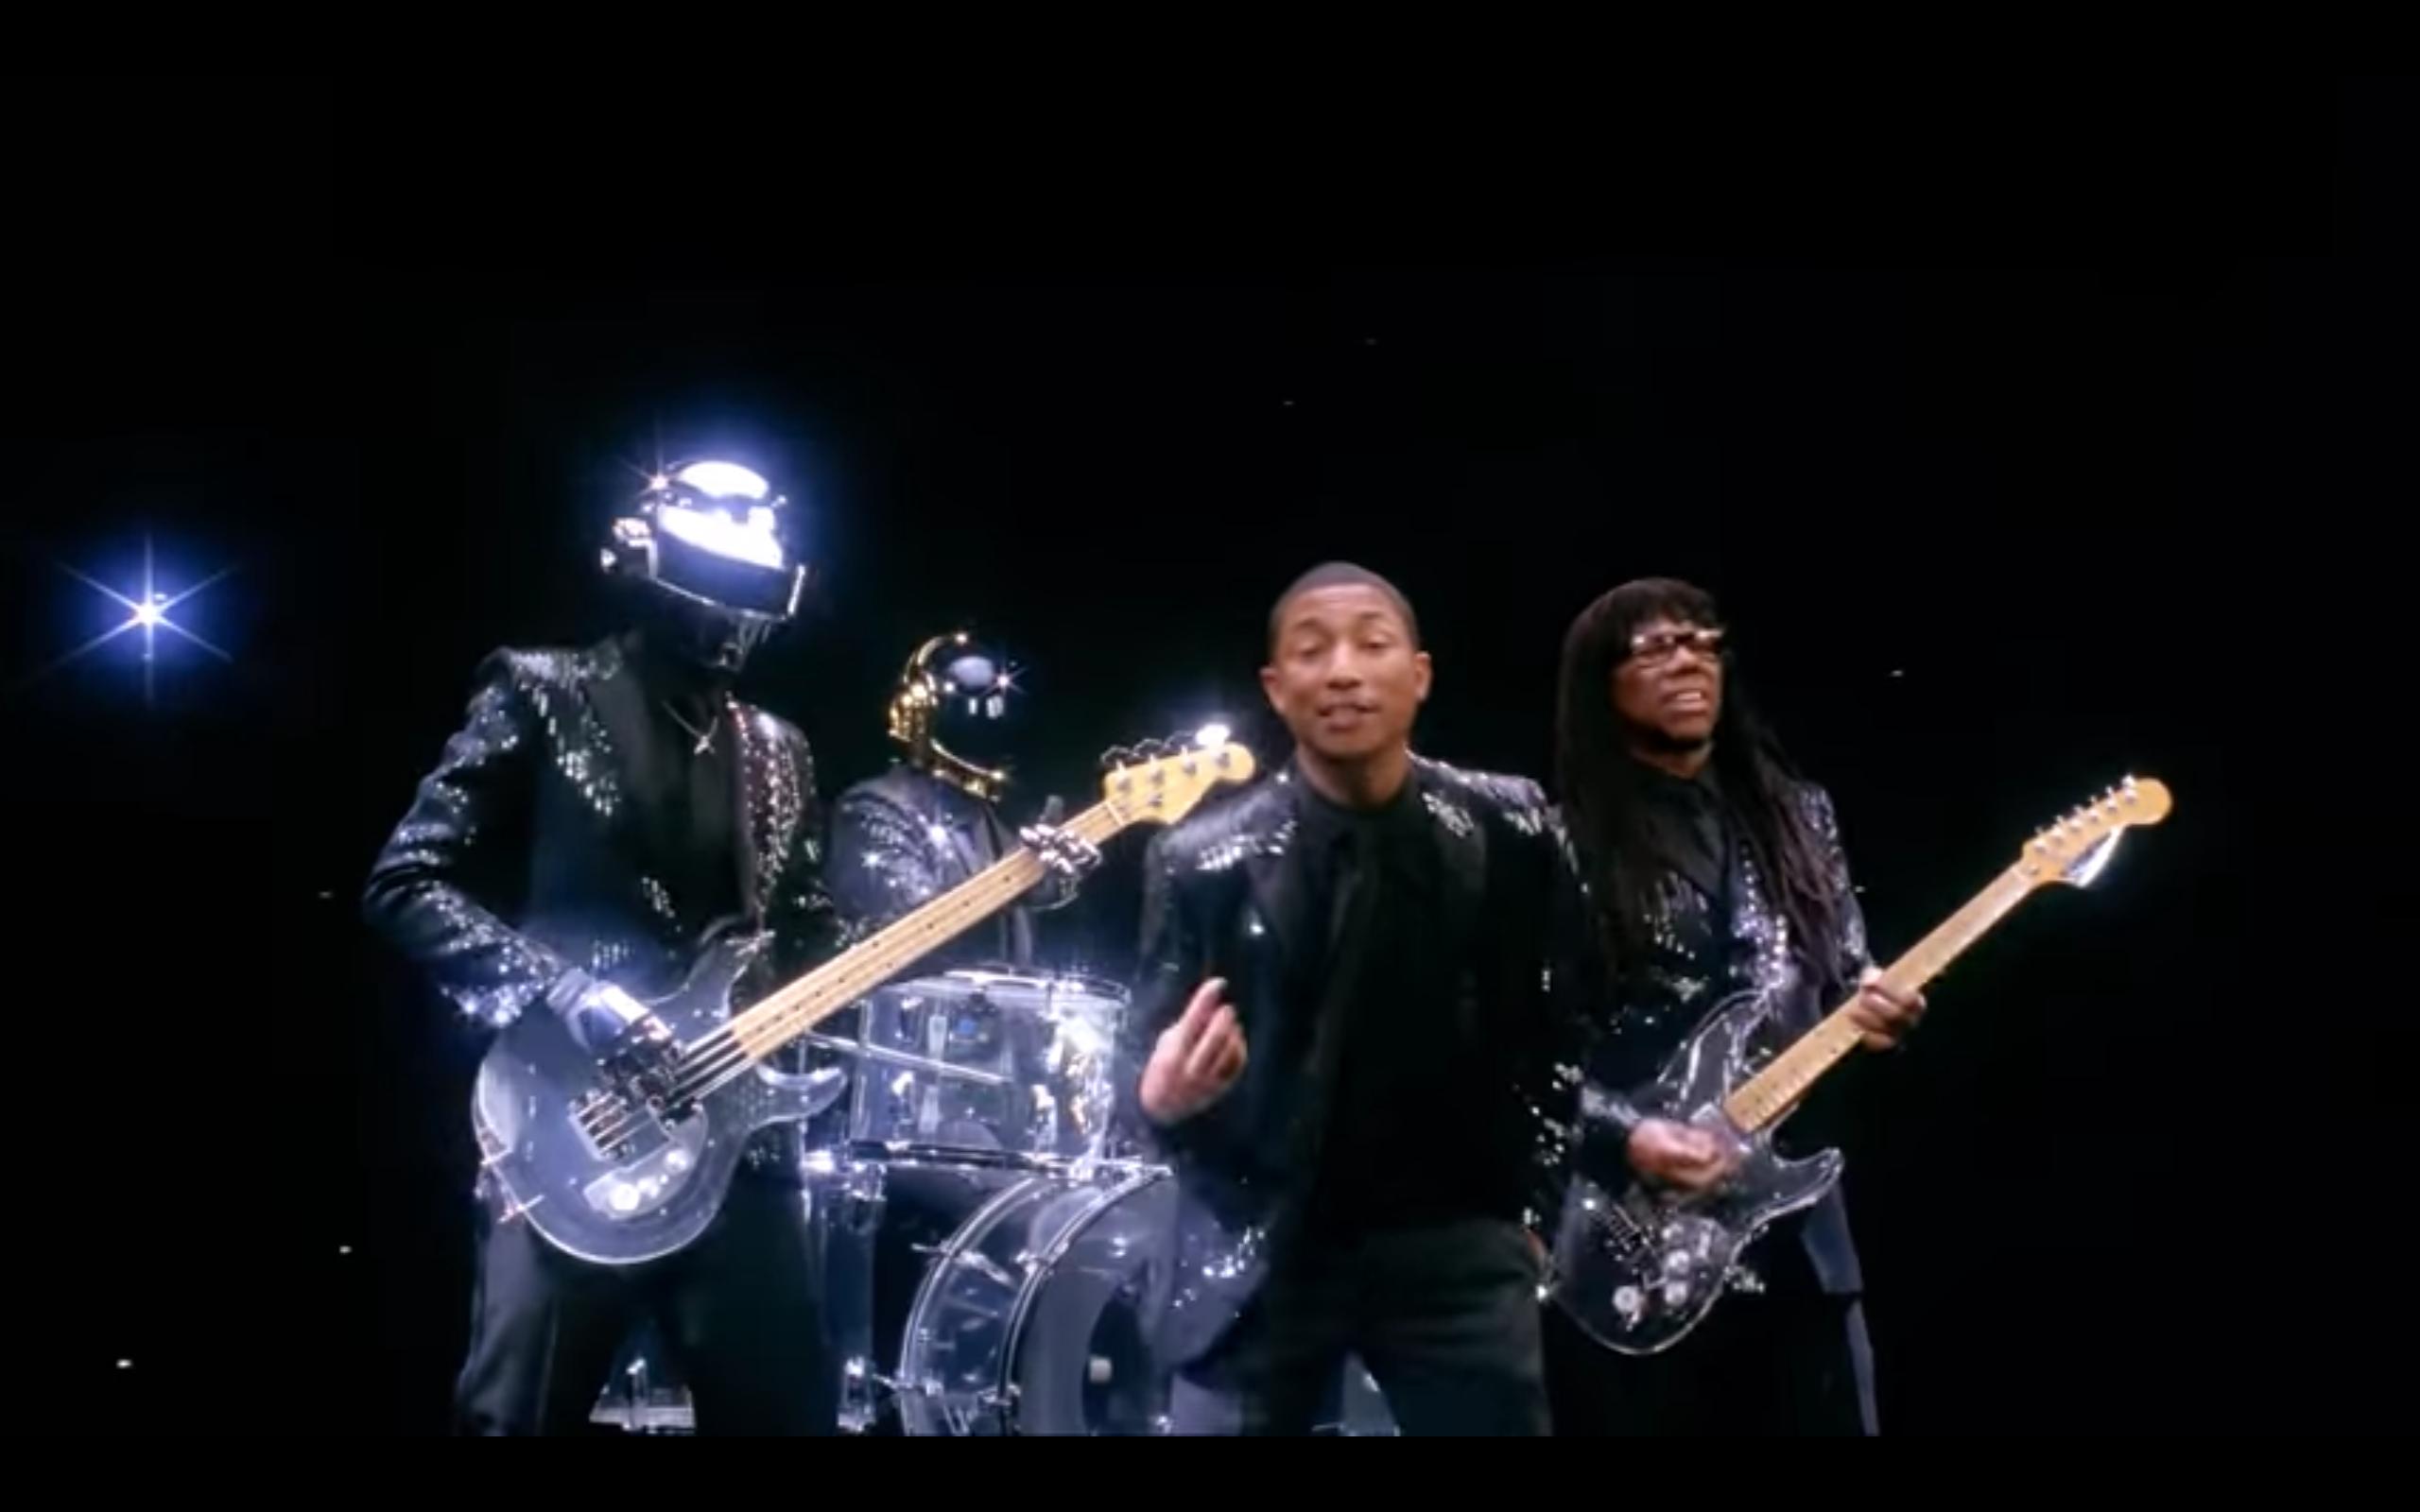 Daft Punk - Get Lucky | Daft punk, Good music, Music videos